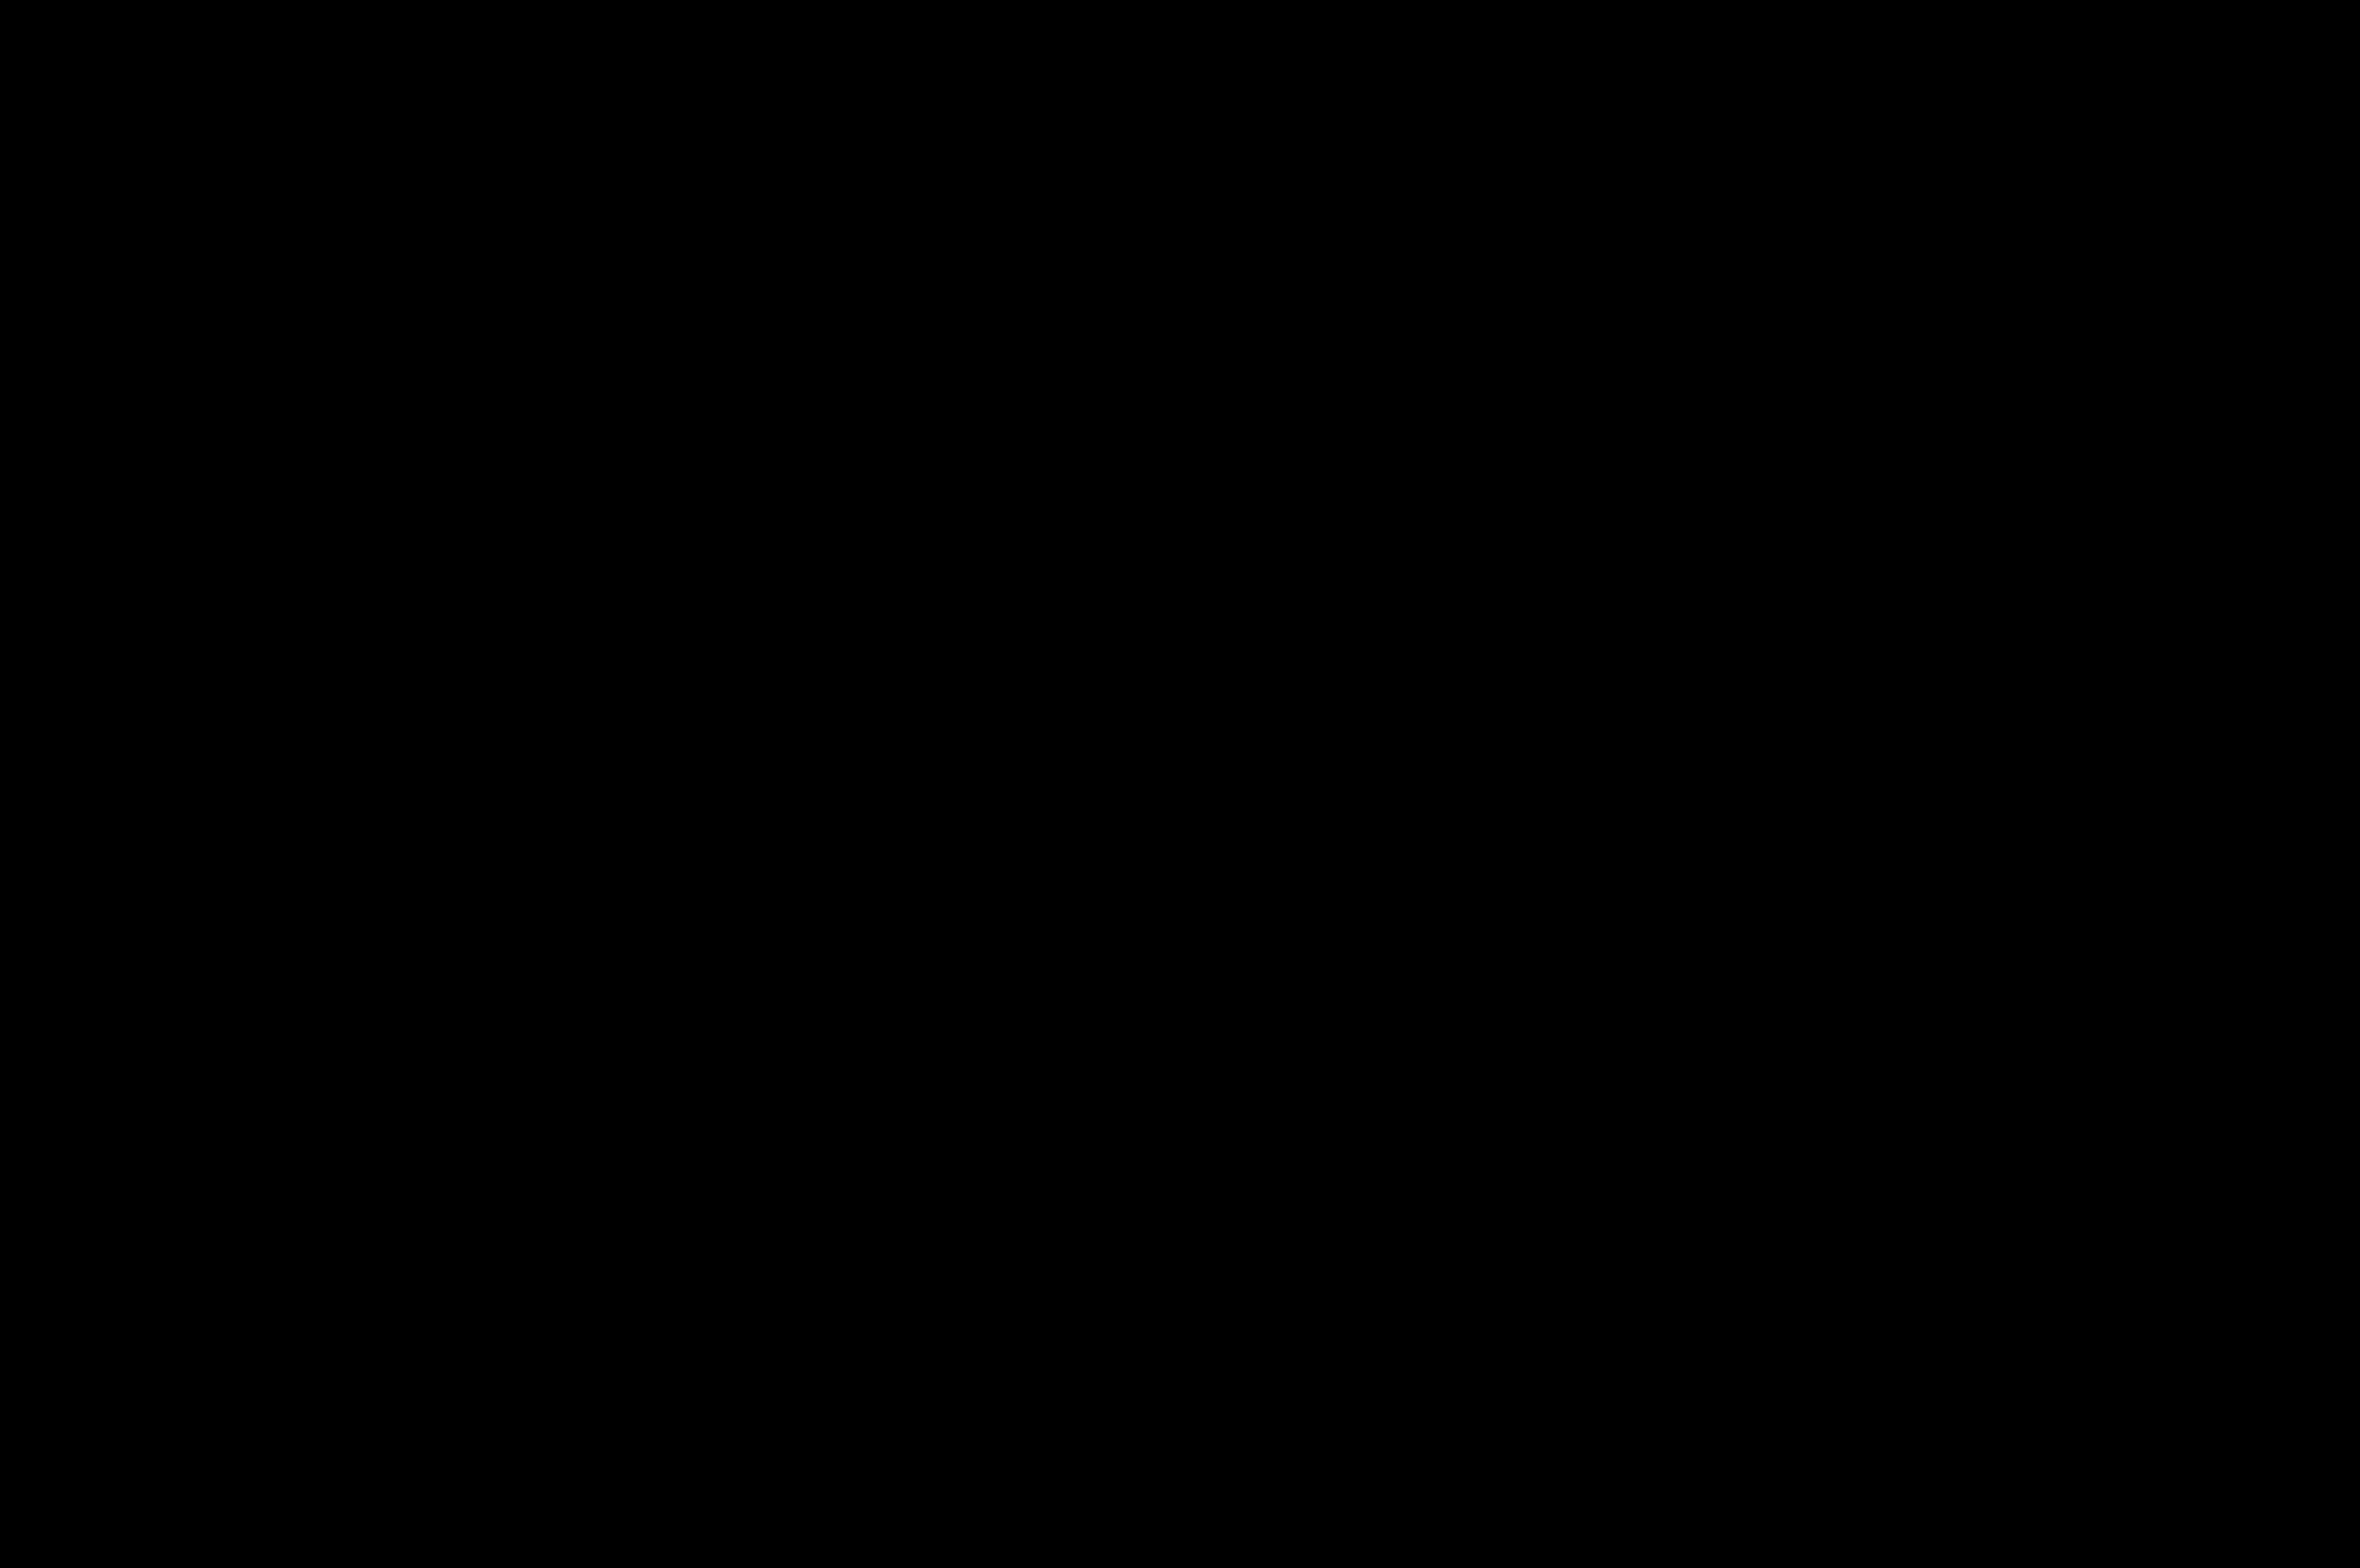 LAN_Chile_Boeing_737-2T5%3B_CC-CYP%40SCL